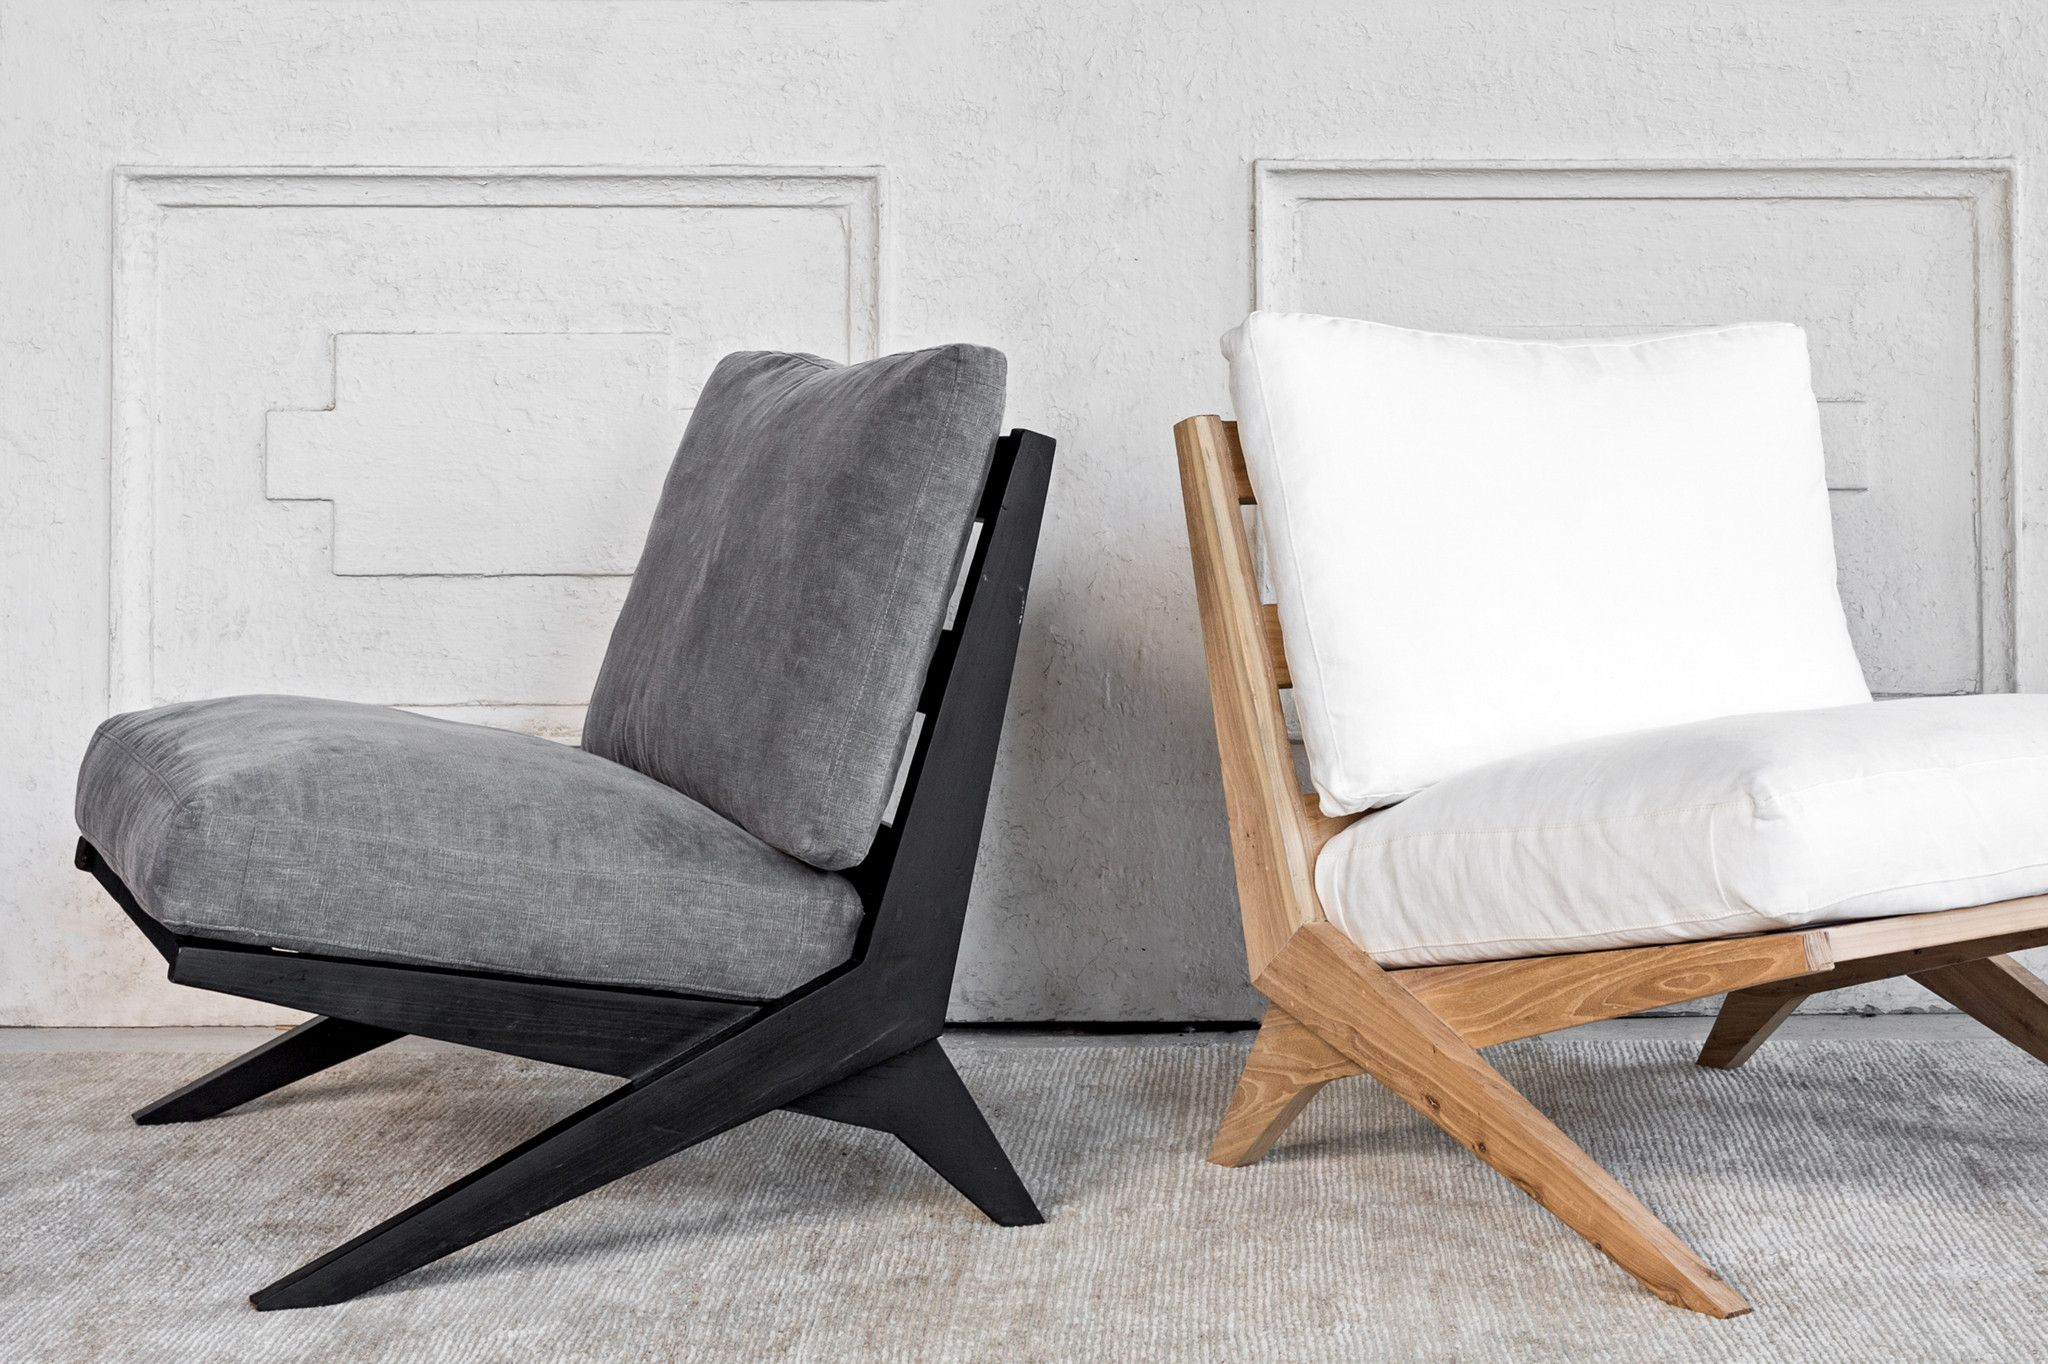 Pin de Kerry Bradley en Furniture Ideas | Pinterest